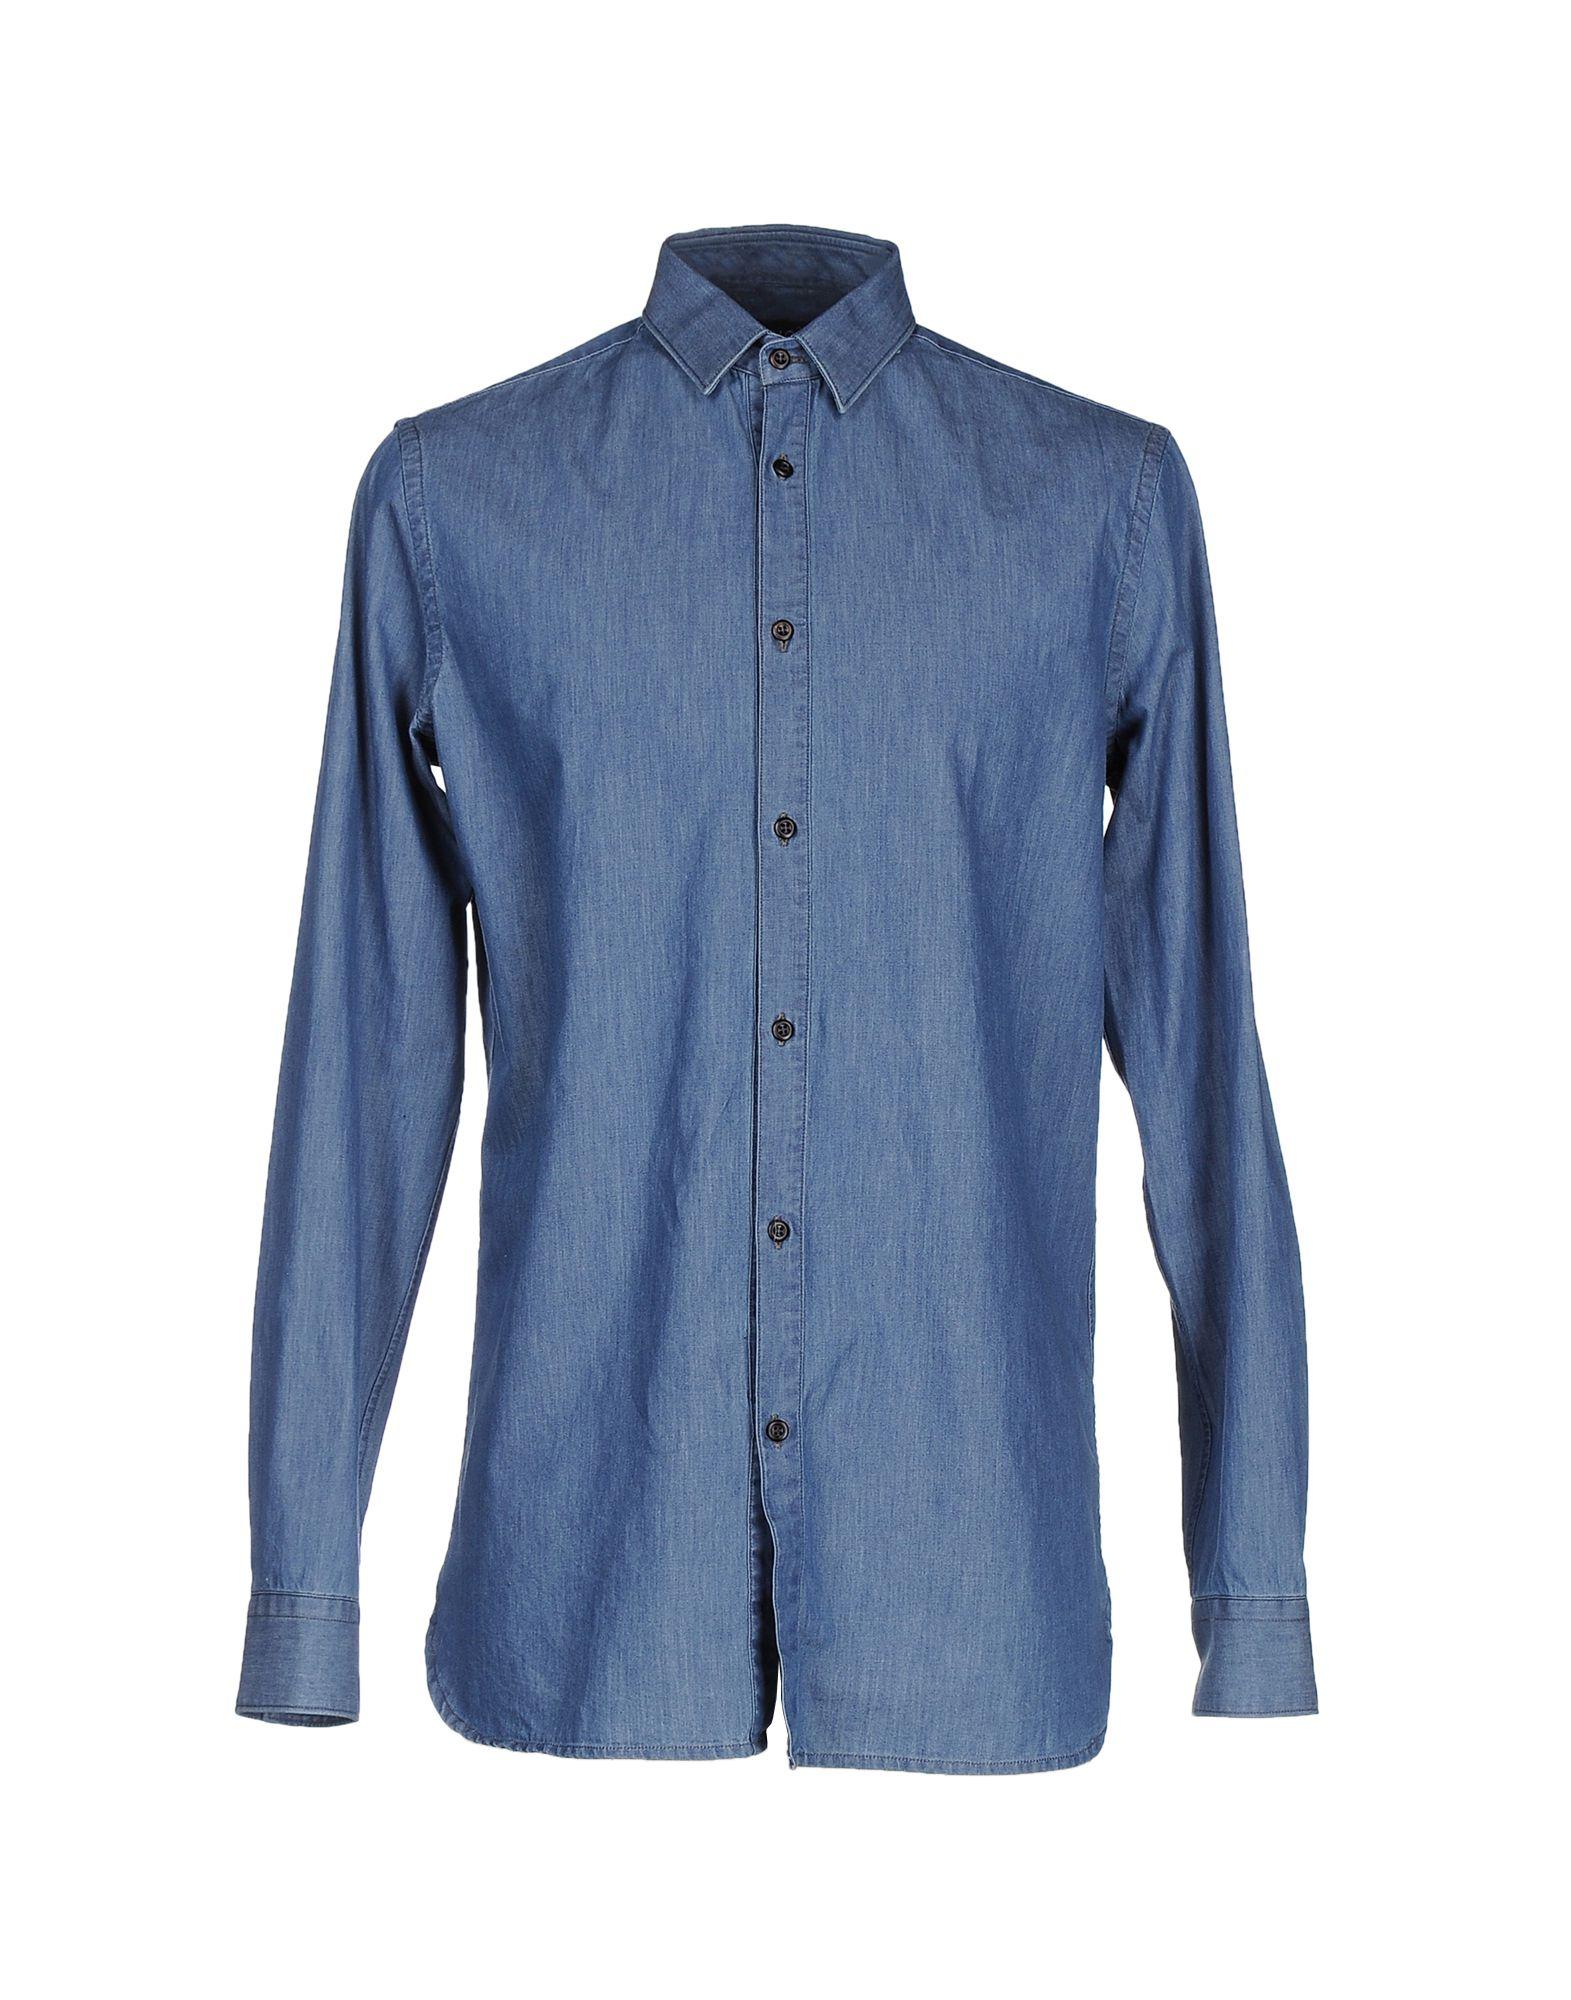 hōsio джинсовая верхняя одежда HōSIO Джинсовая рубашка